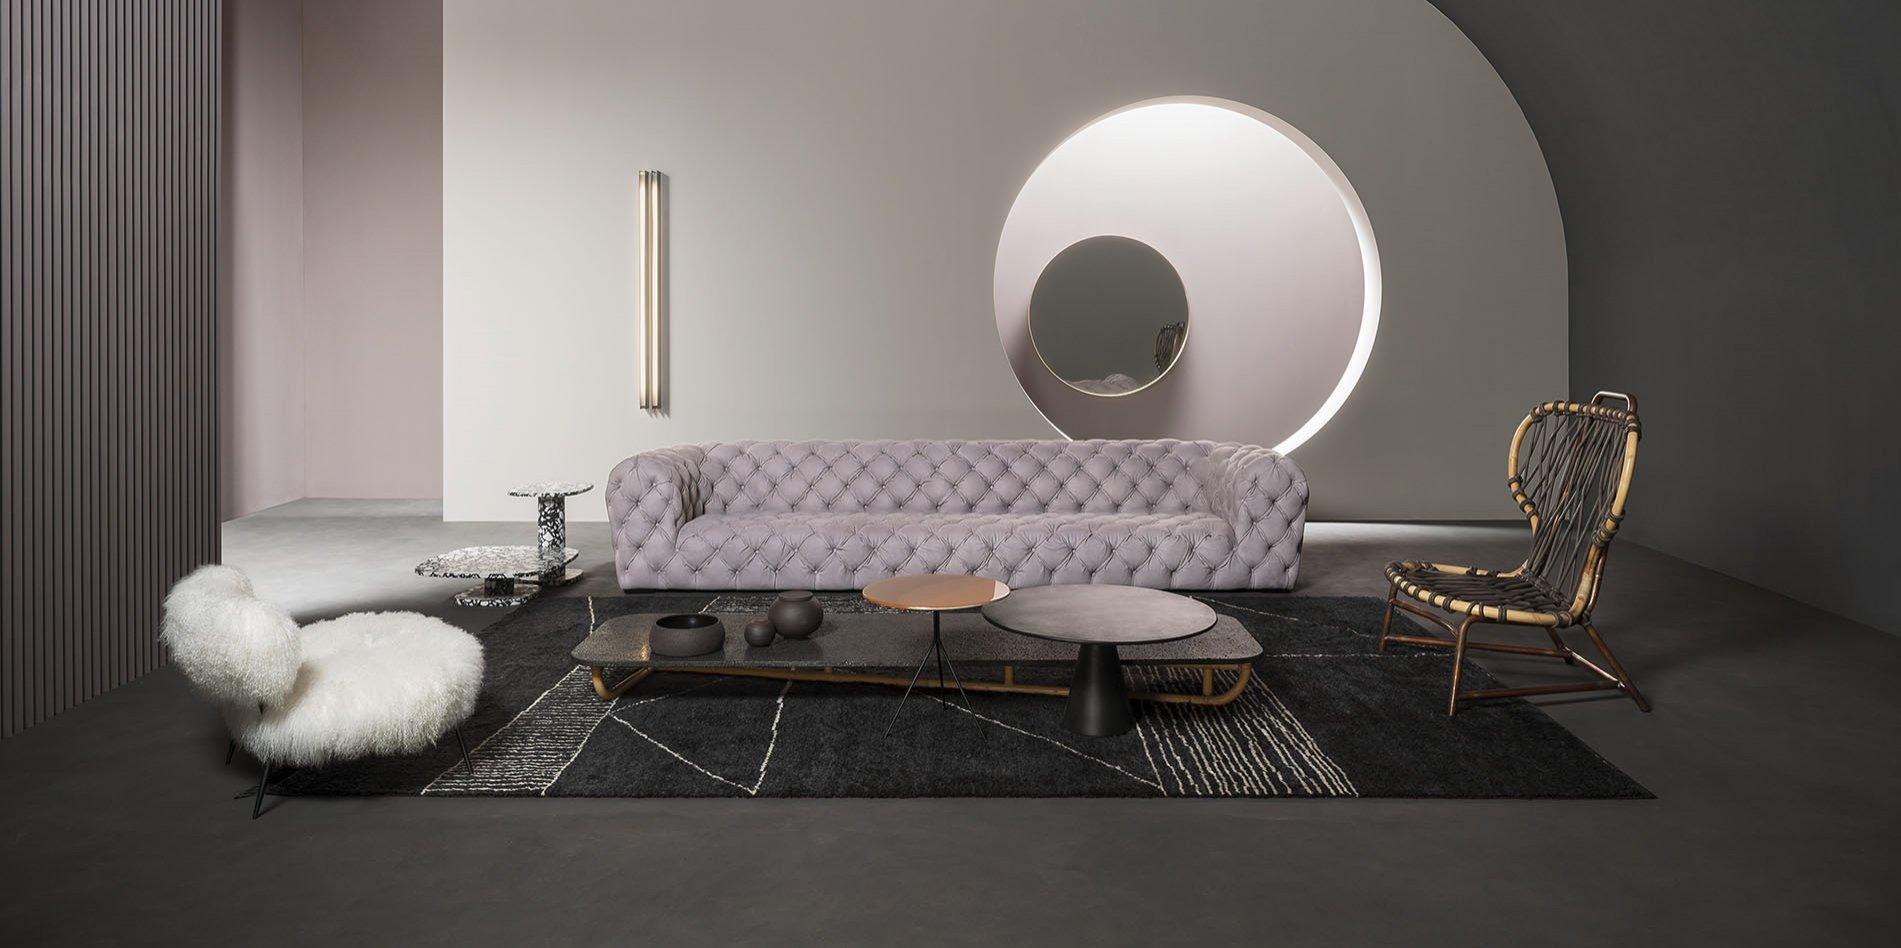 Negozi Di Mobili Roma design furniture | online shop | icon